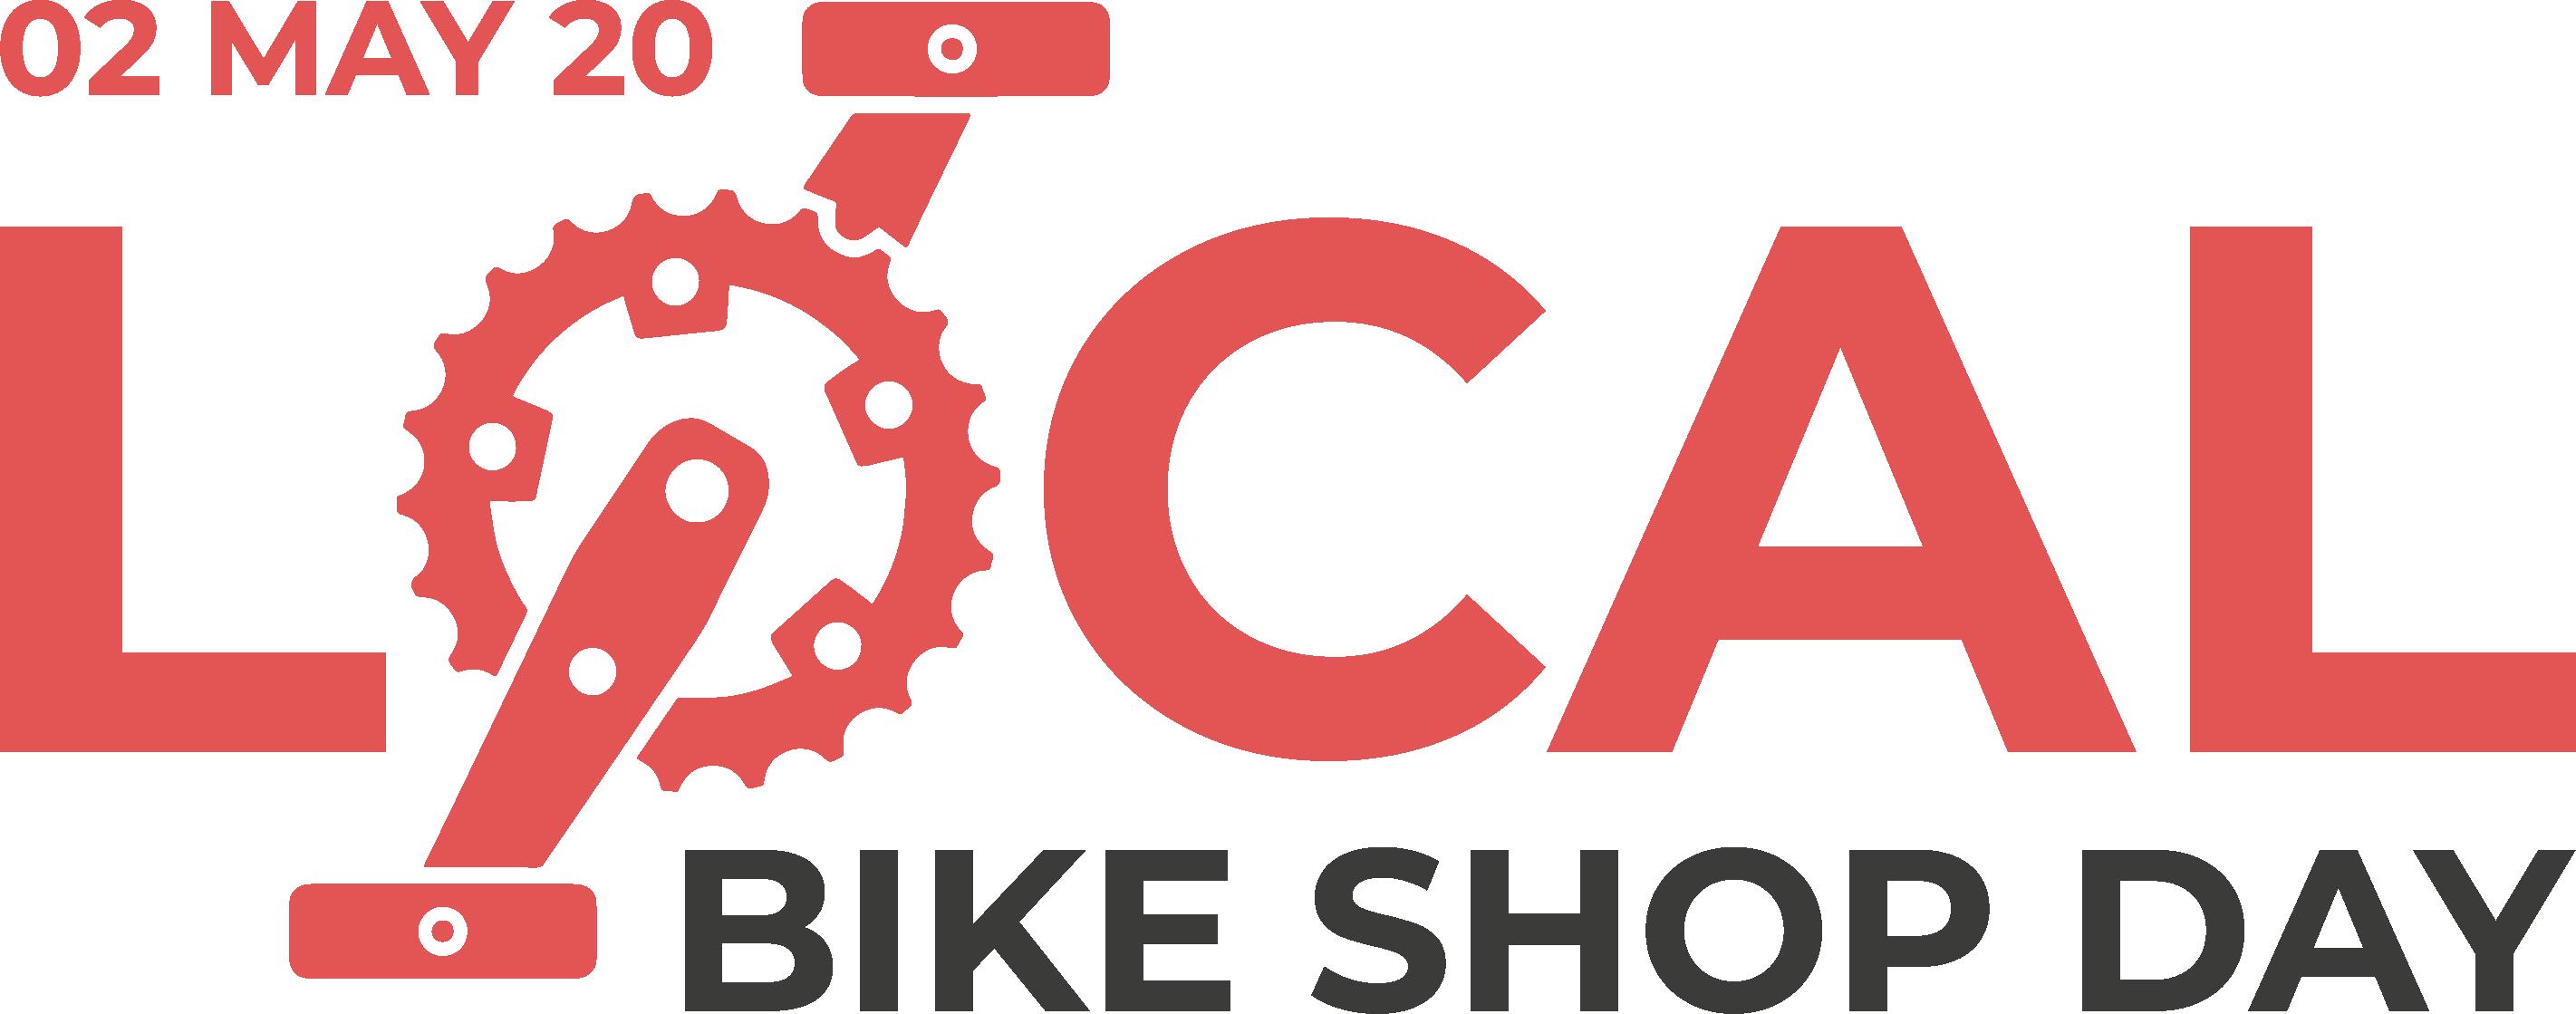 local bike shop day 2020